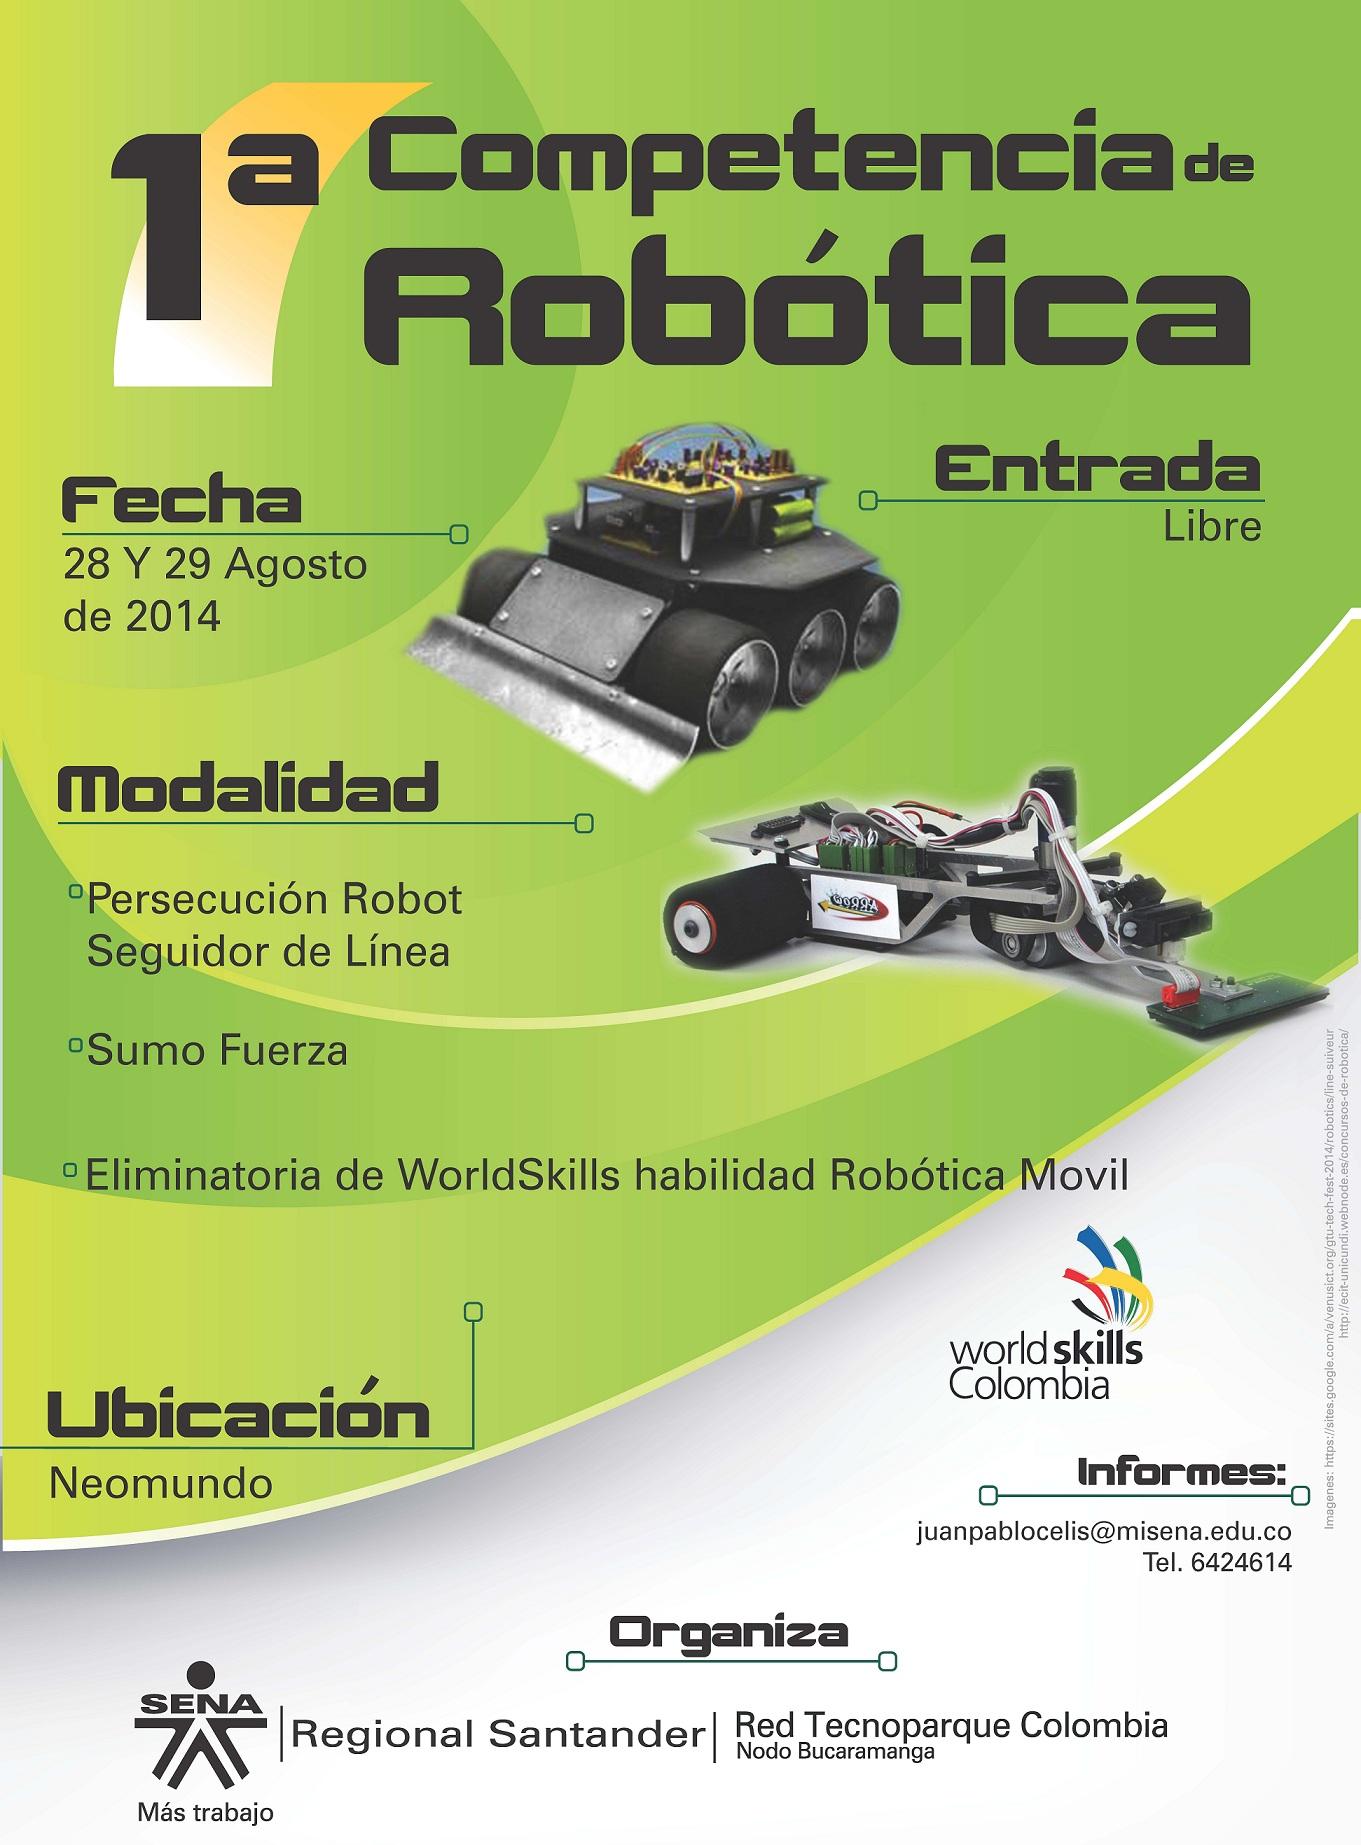 1a competencia de Robótica - Tecnoparque Bucaramanga